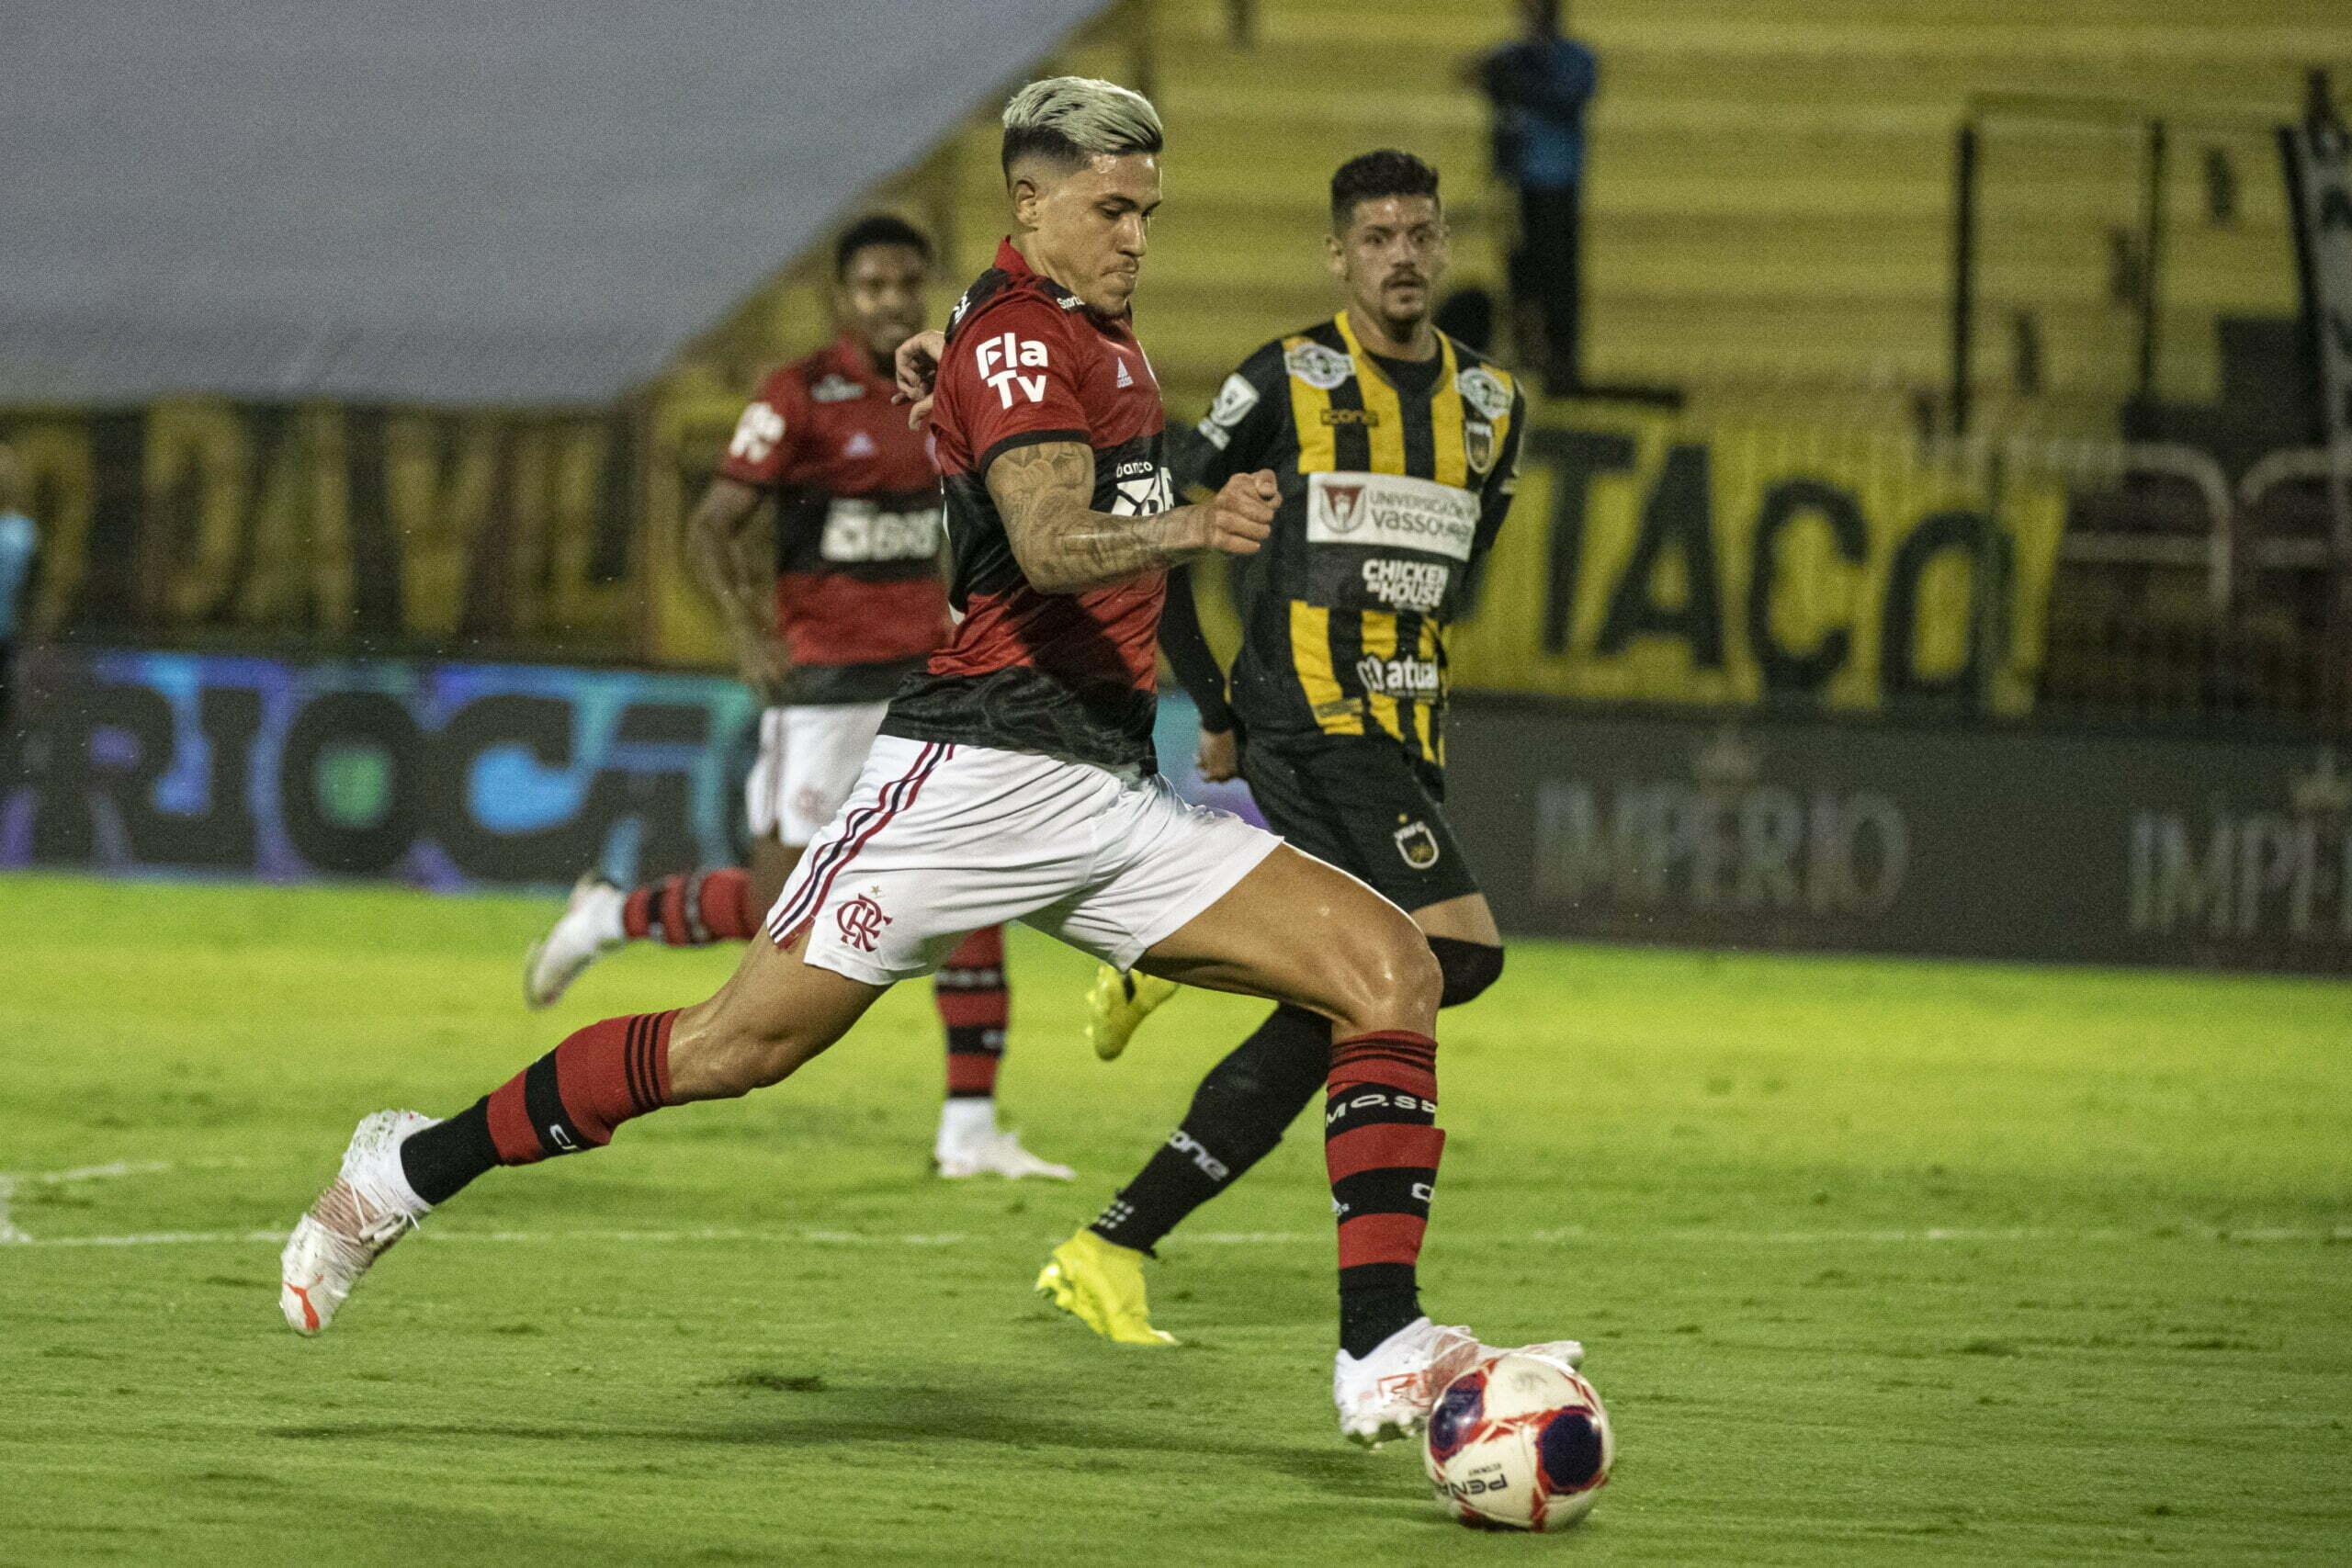 semifinais do Campeonato Carioca